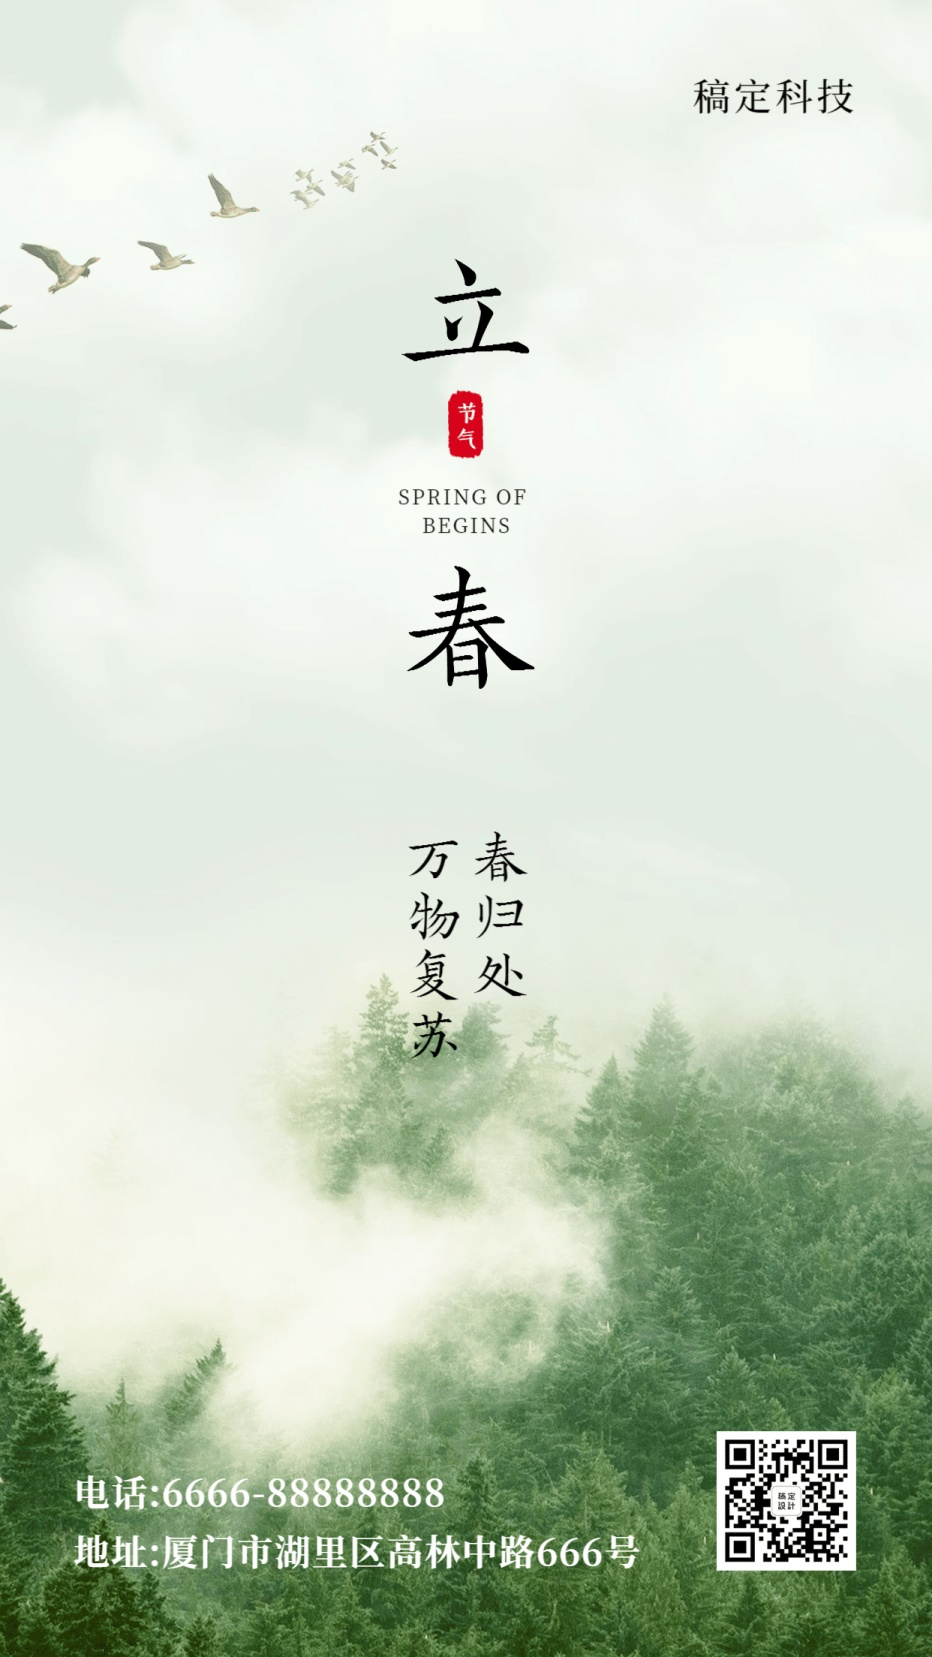 24节气立春节气问候实景清新手机海报